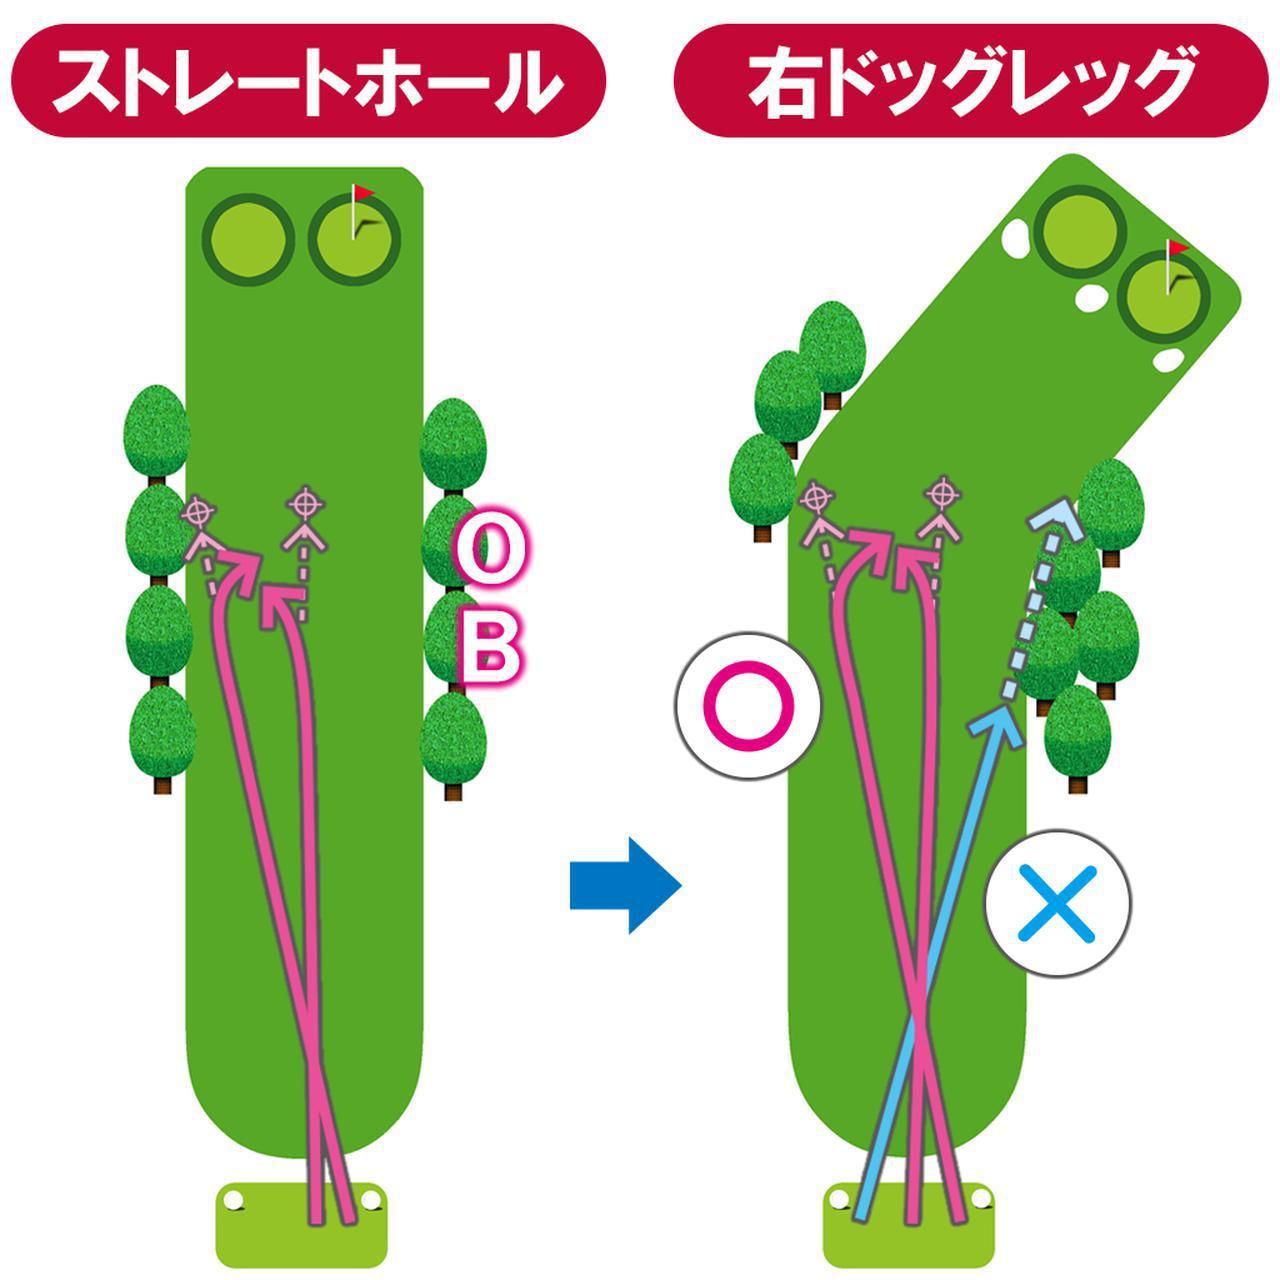 画像1: 【考え方】ホール形状を真上から確認